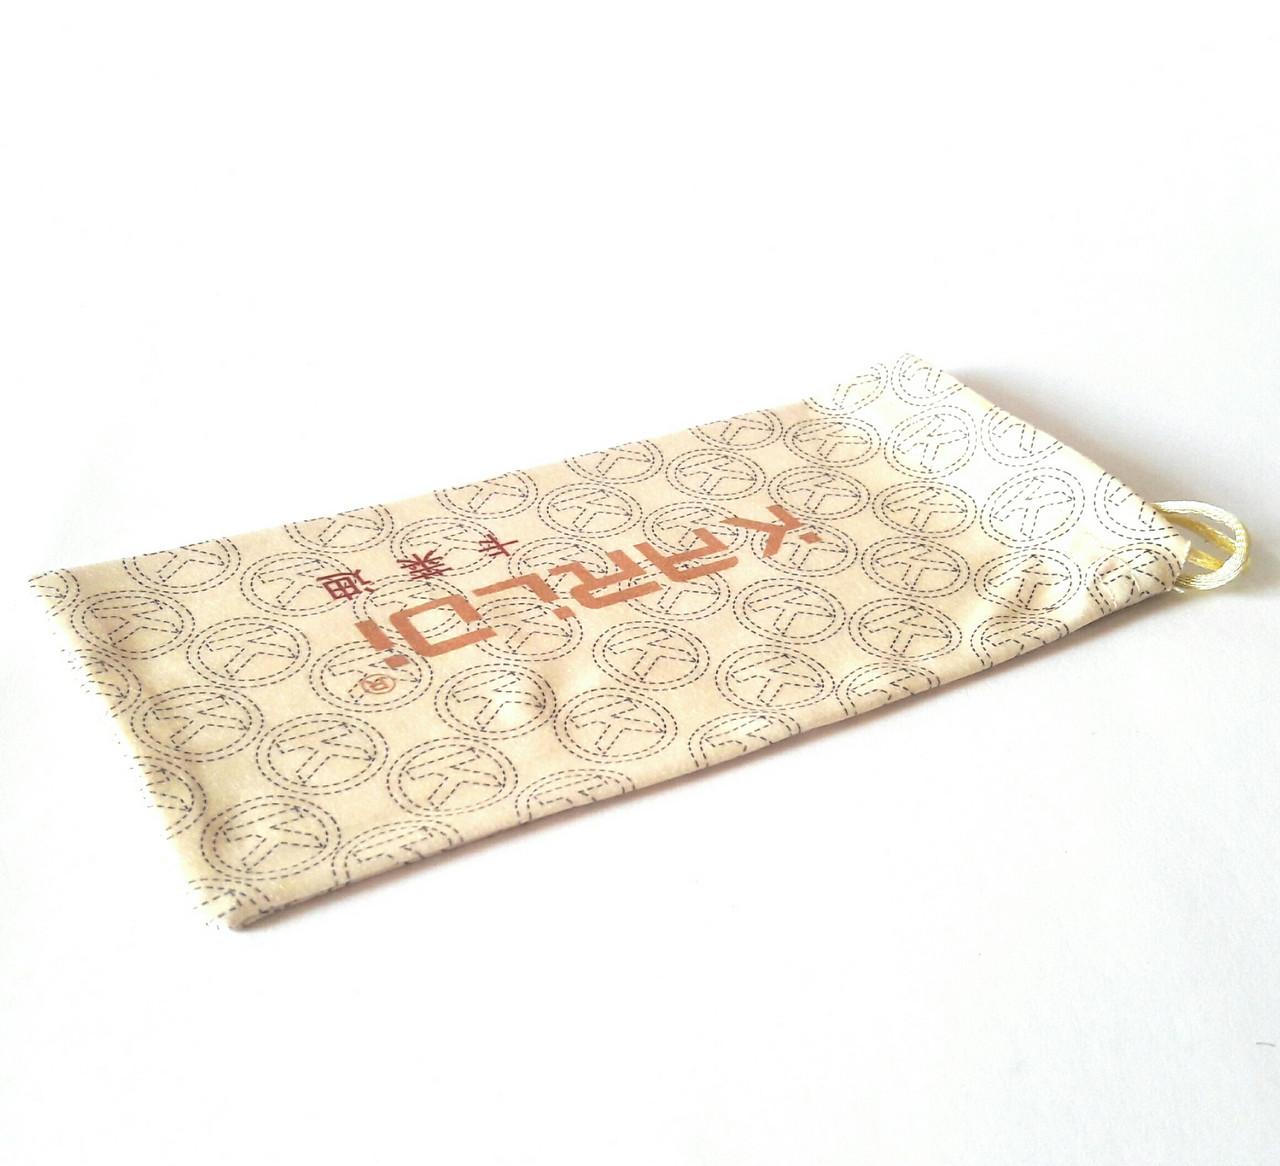 Мешочек для очков солнцезащитных, диоптрийных, чехол мягкий, янтарного цвета, с принтом, унисекс